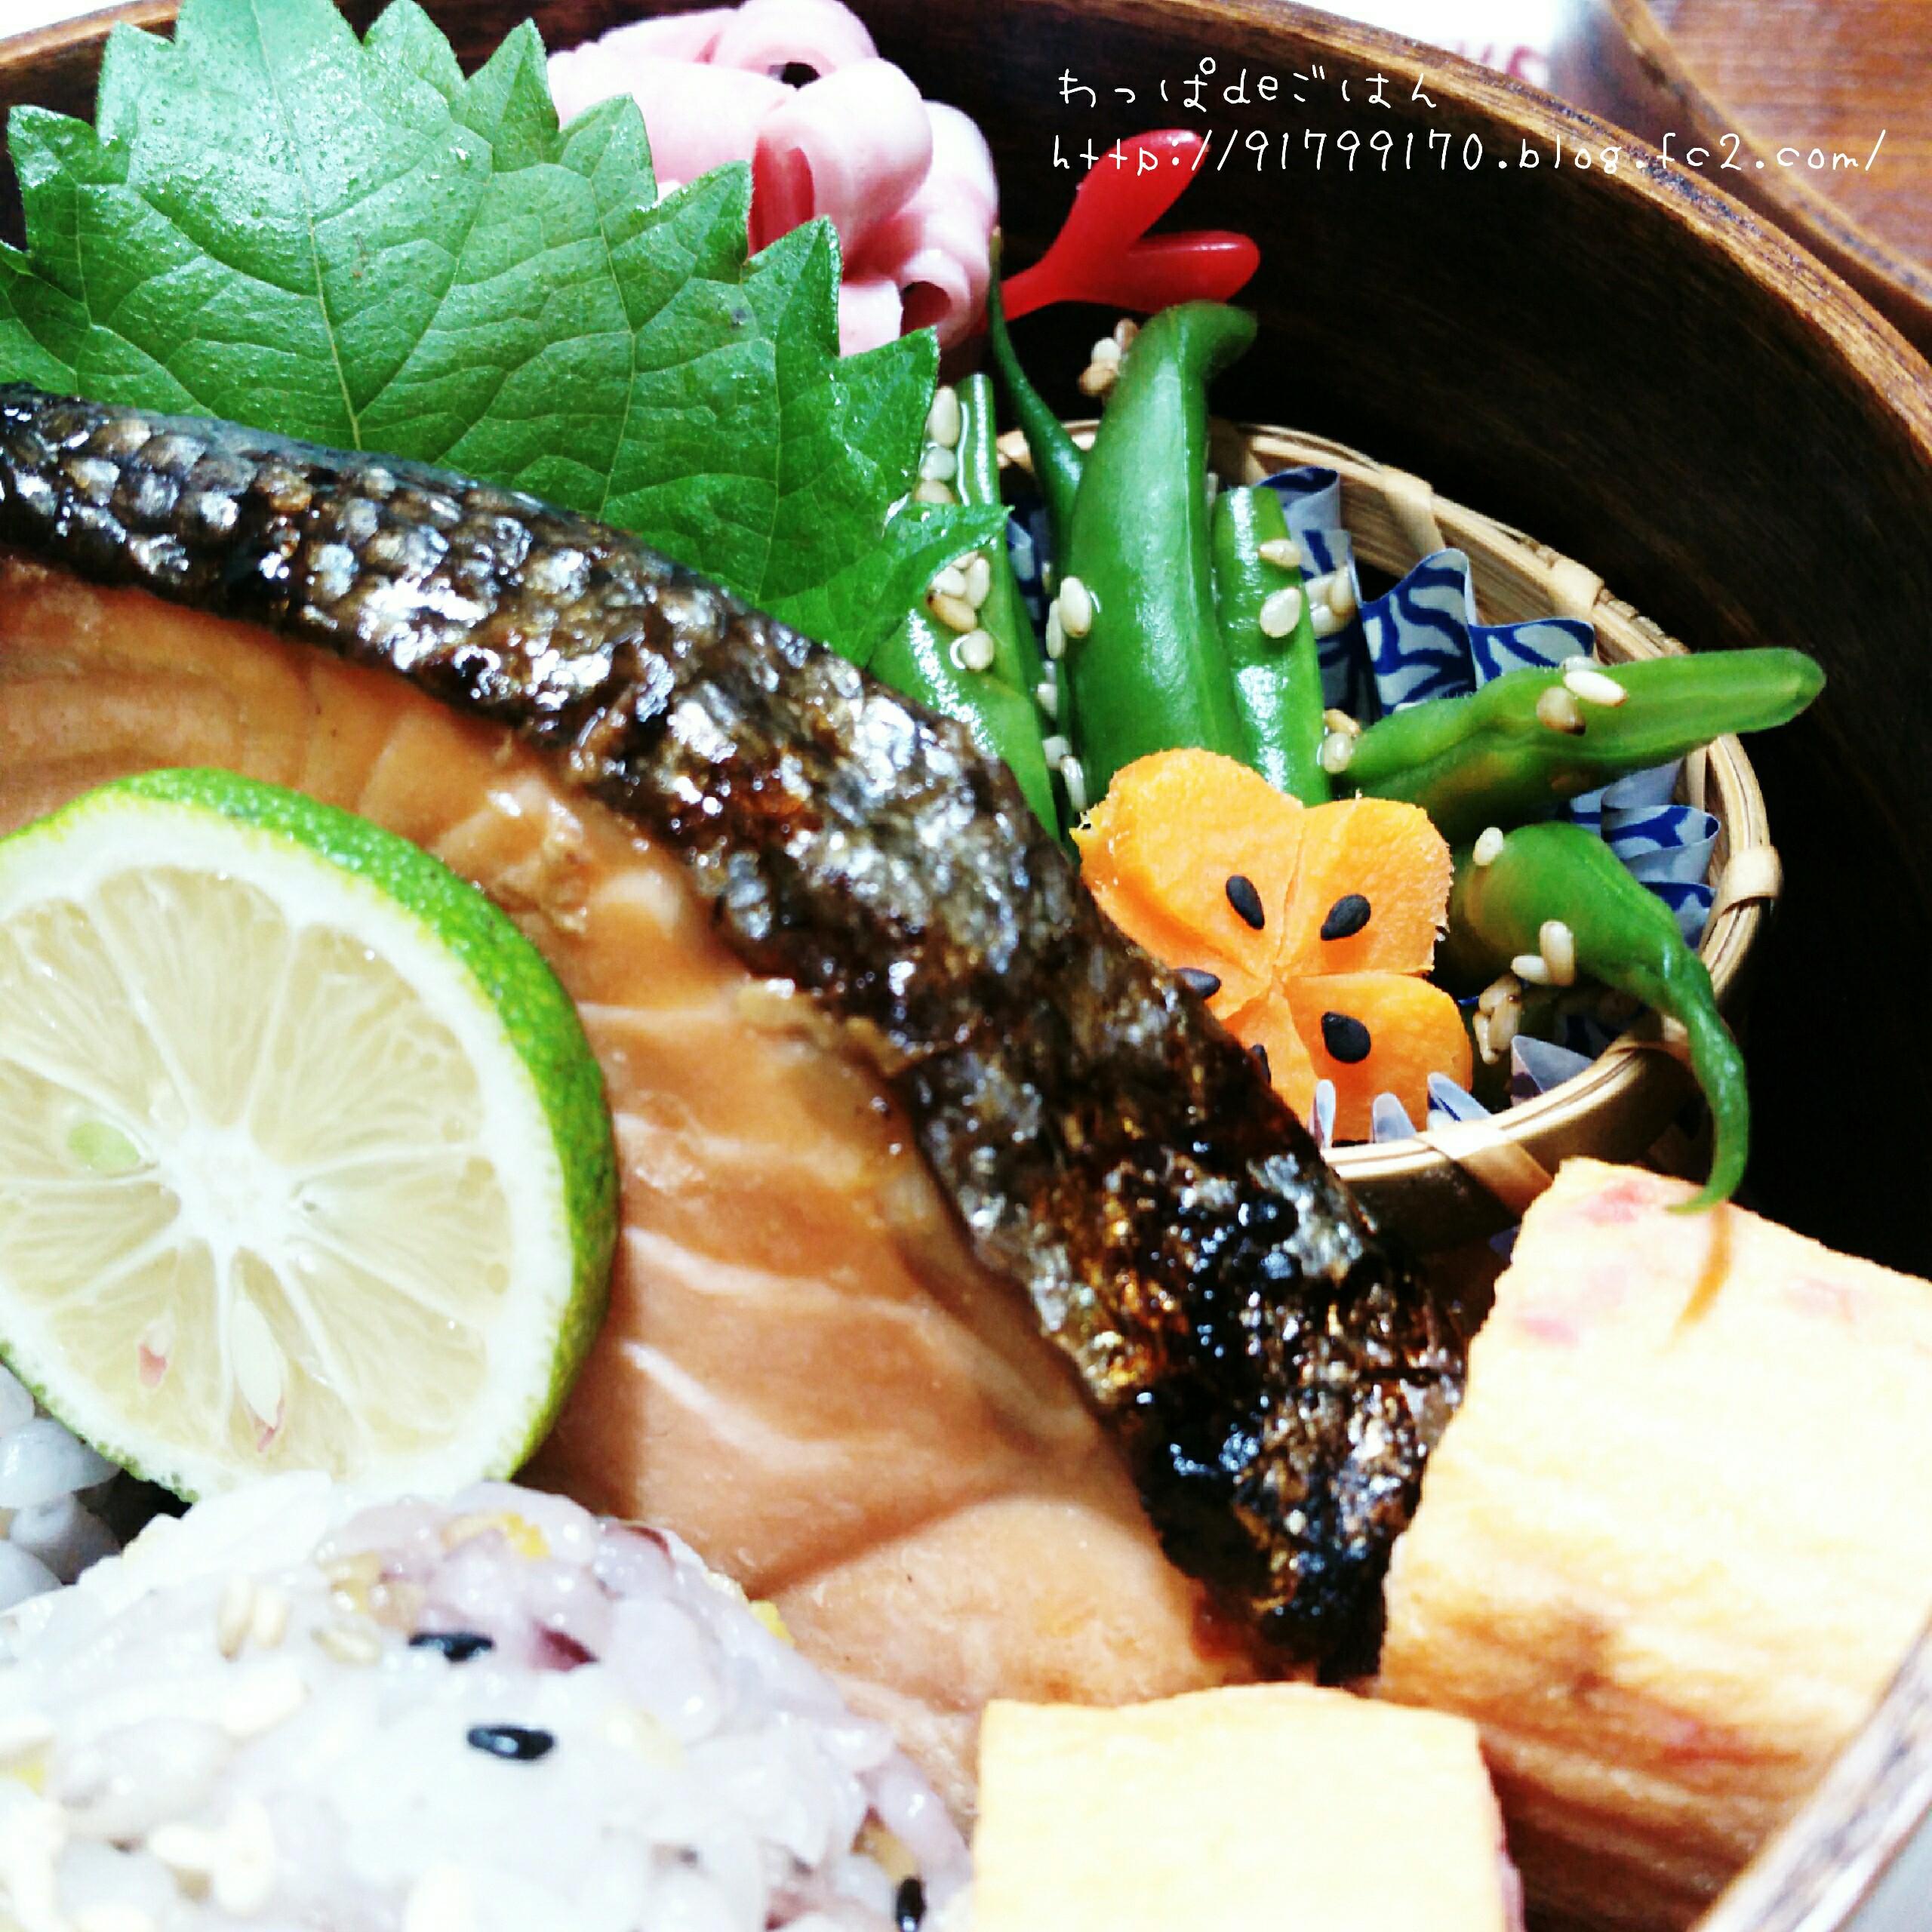 2015/10/3秋鮭の柚庵焼きのアップ